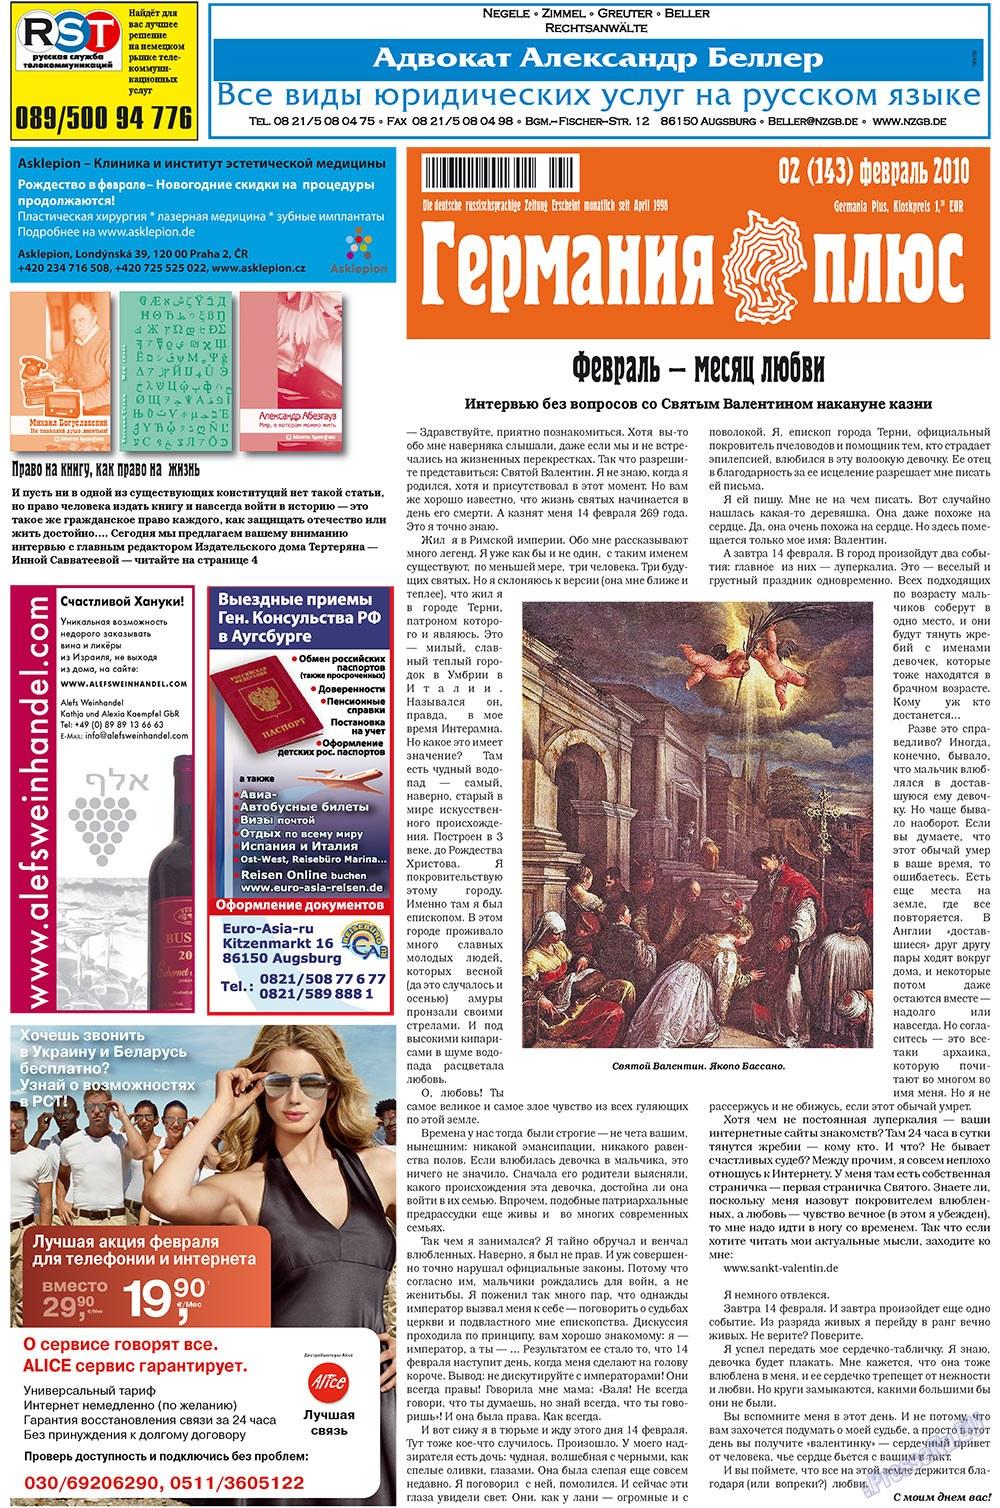 Германия плюс (газета). 2010 год, номер 2, стр. 1